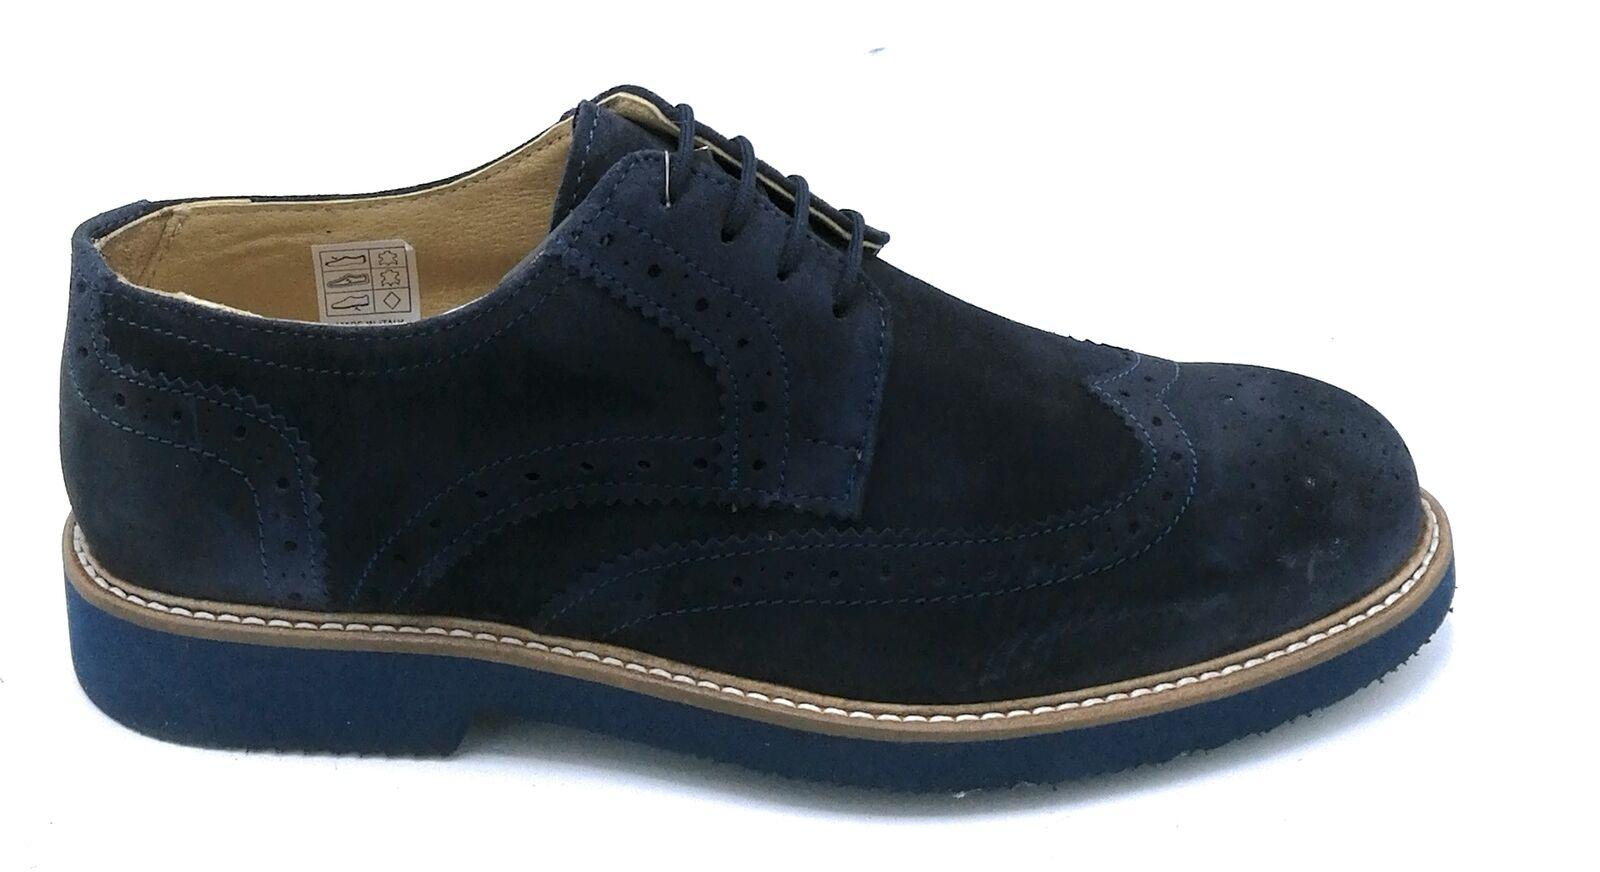 Exton 9190 Chaussure Attachée en Daim bleu Broderie